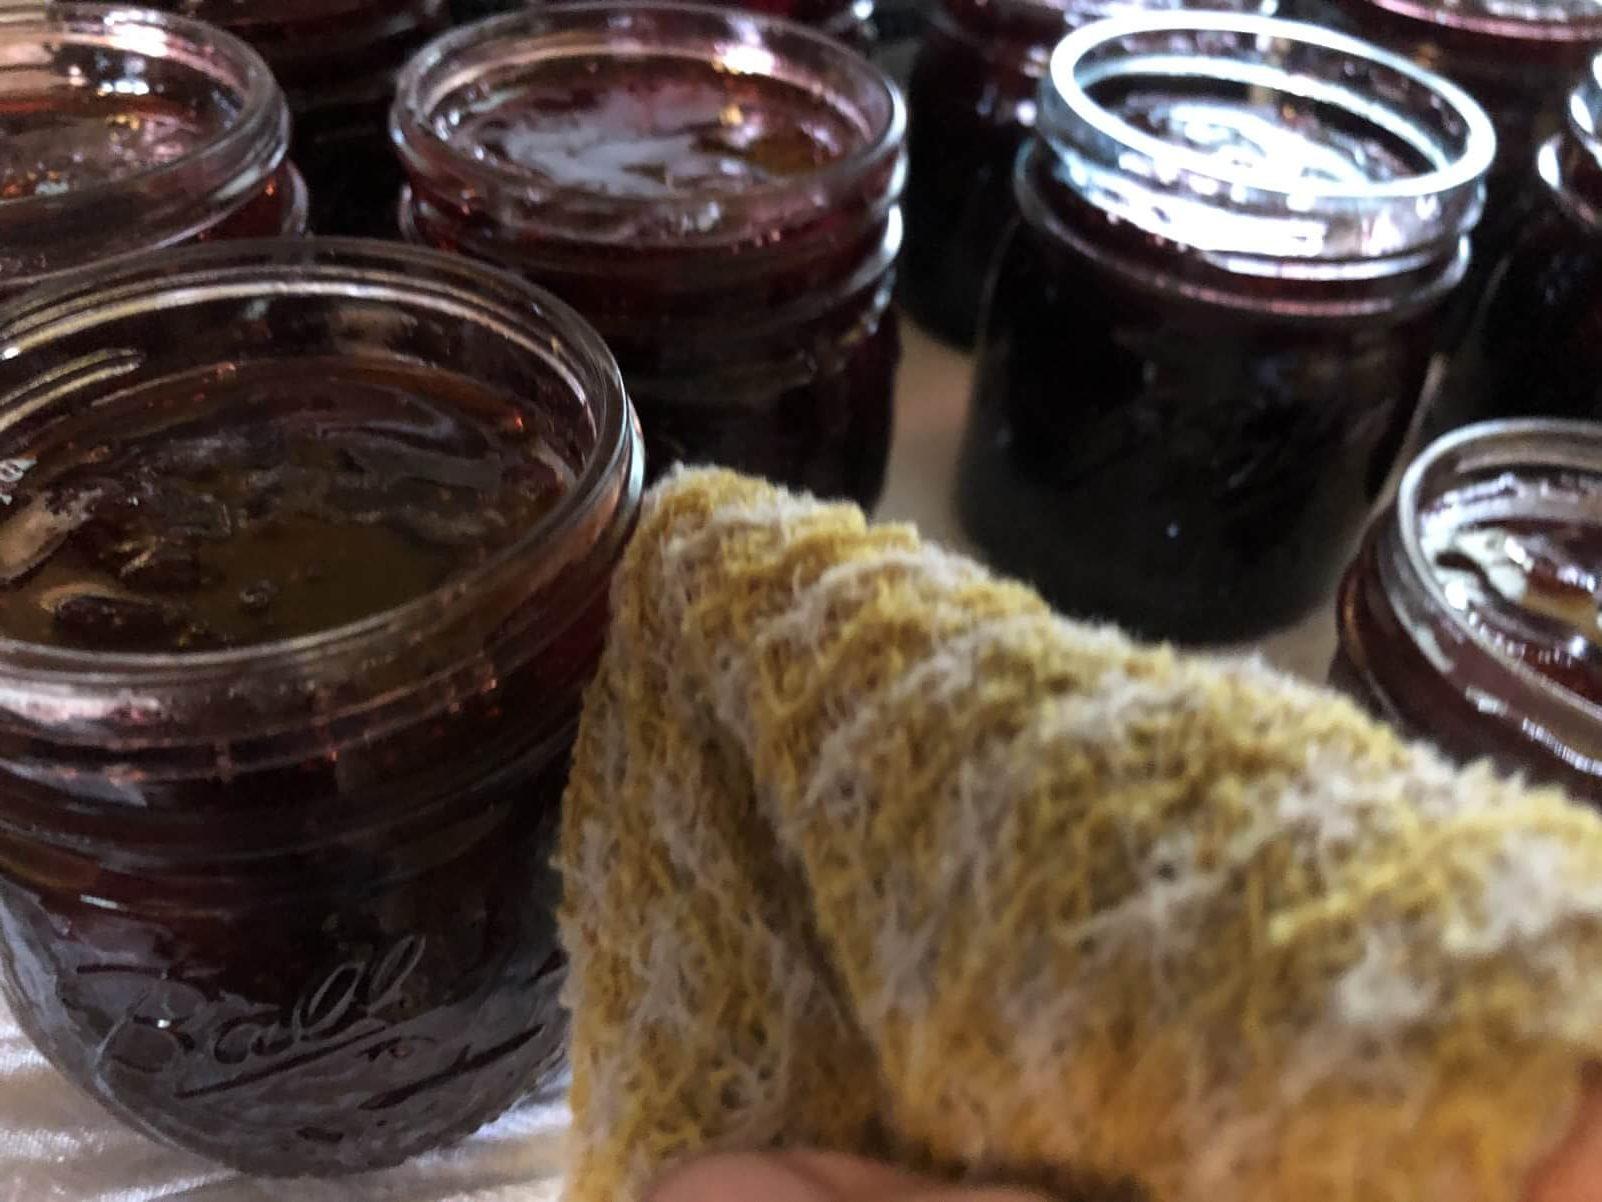 wipeing threads of jam jar before sealing